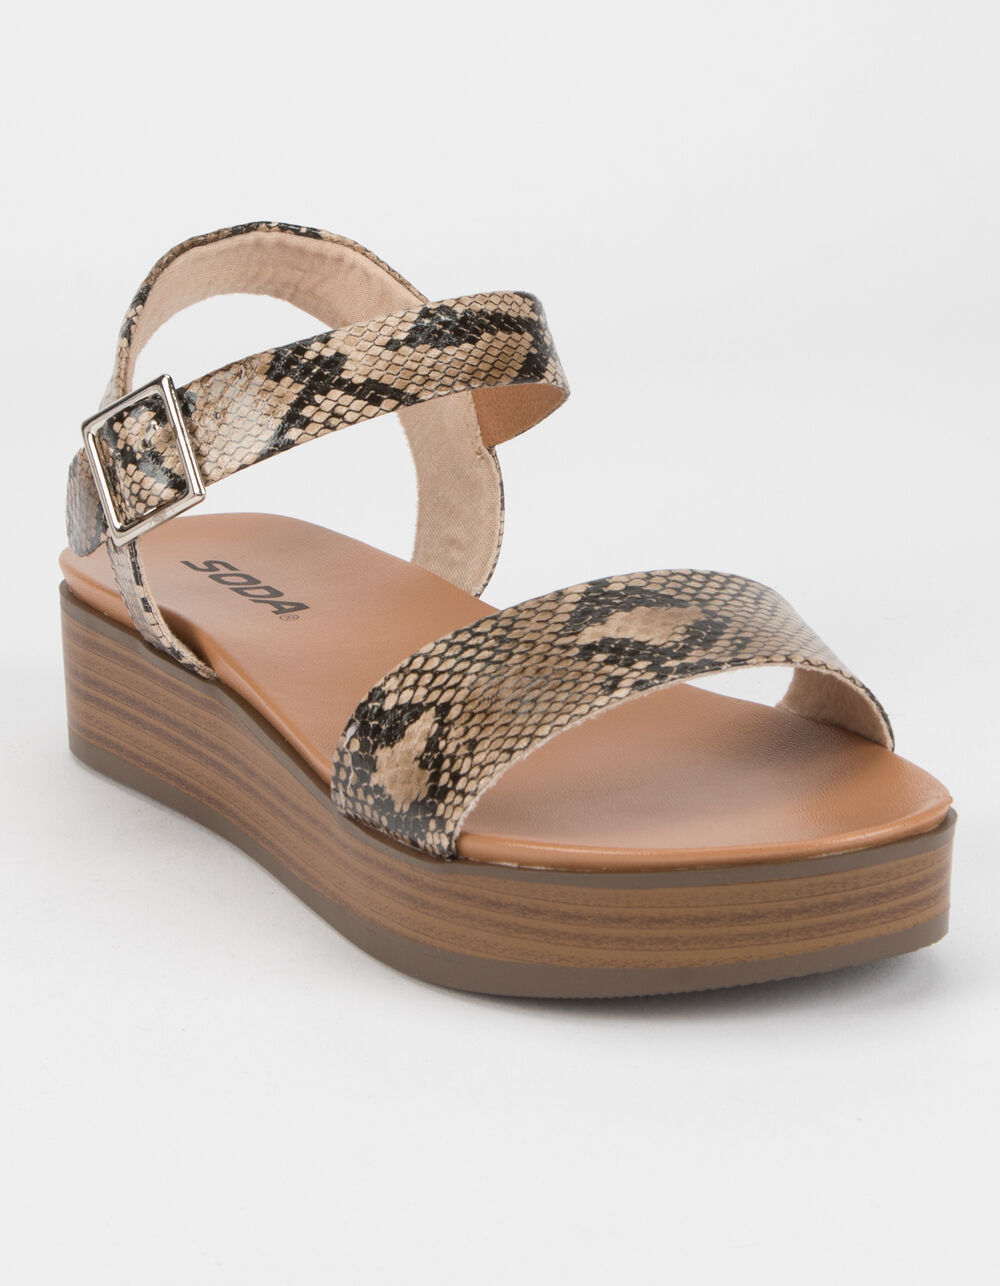 SODA Nebula Platform Python Flatform Sandals